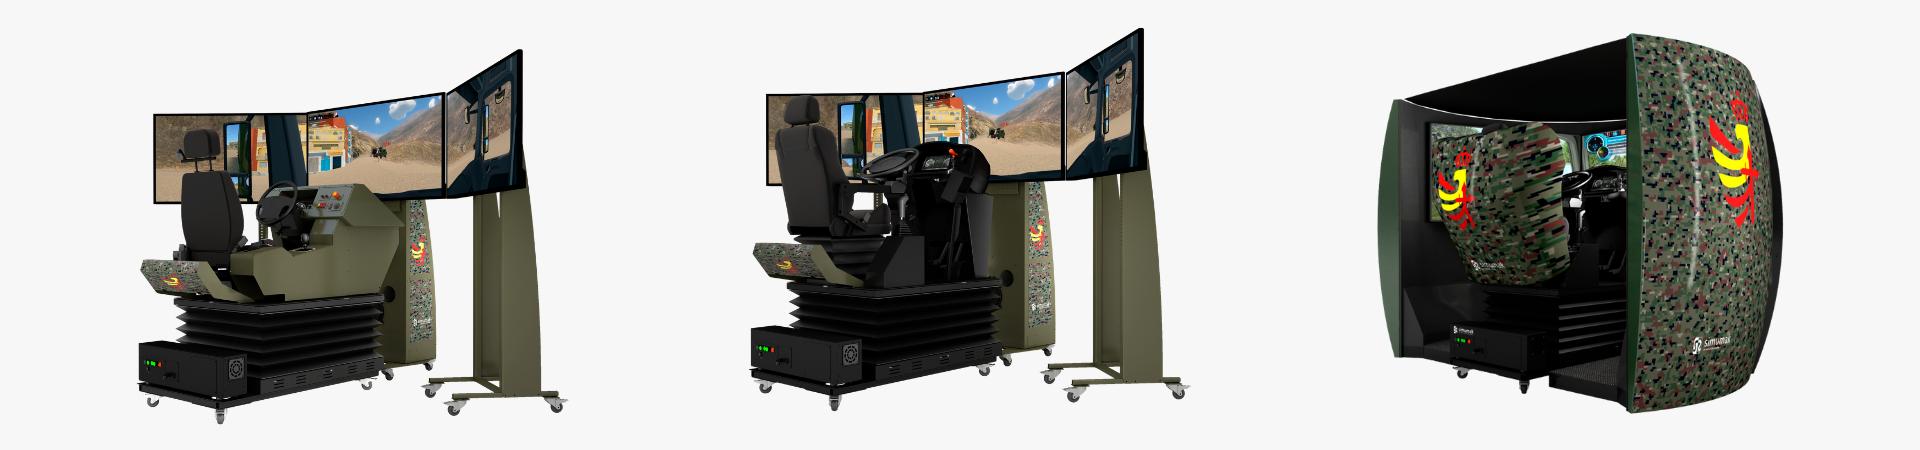 Simulador para defensa